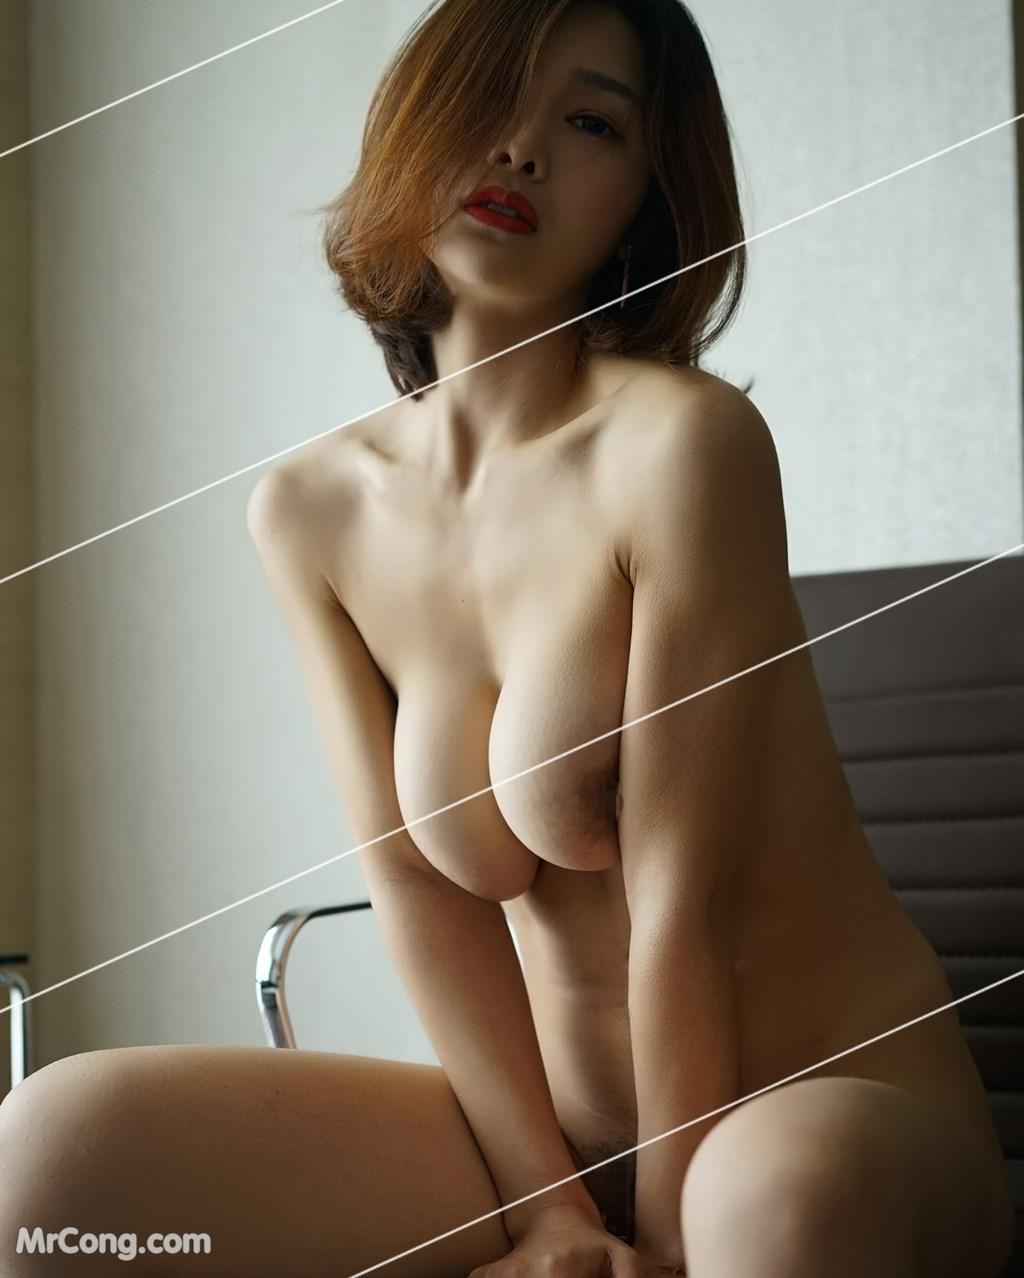 Image Yan-Pan-Pan-Part-3-MrCong.com-039 in post Ngắm vòng một siêu gợi cảm với nội y của người đẹp Yan Pan Pan (闫盼盼) (51 ảnh)